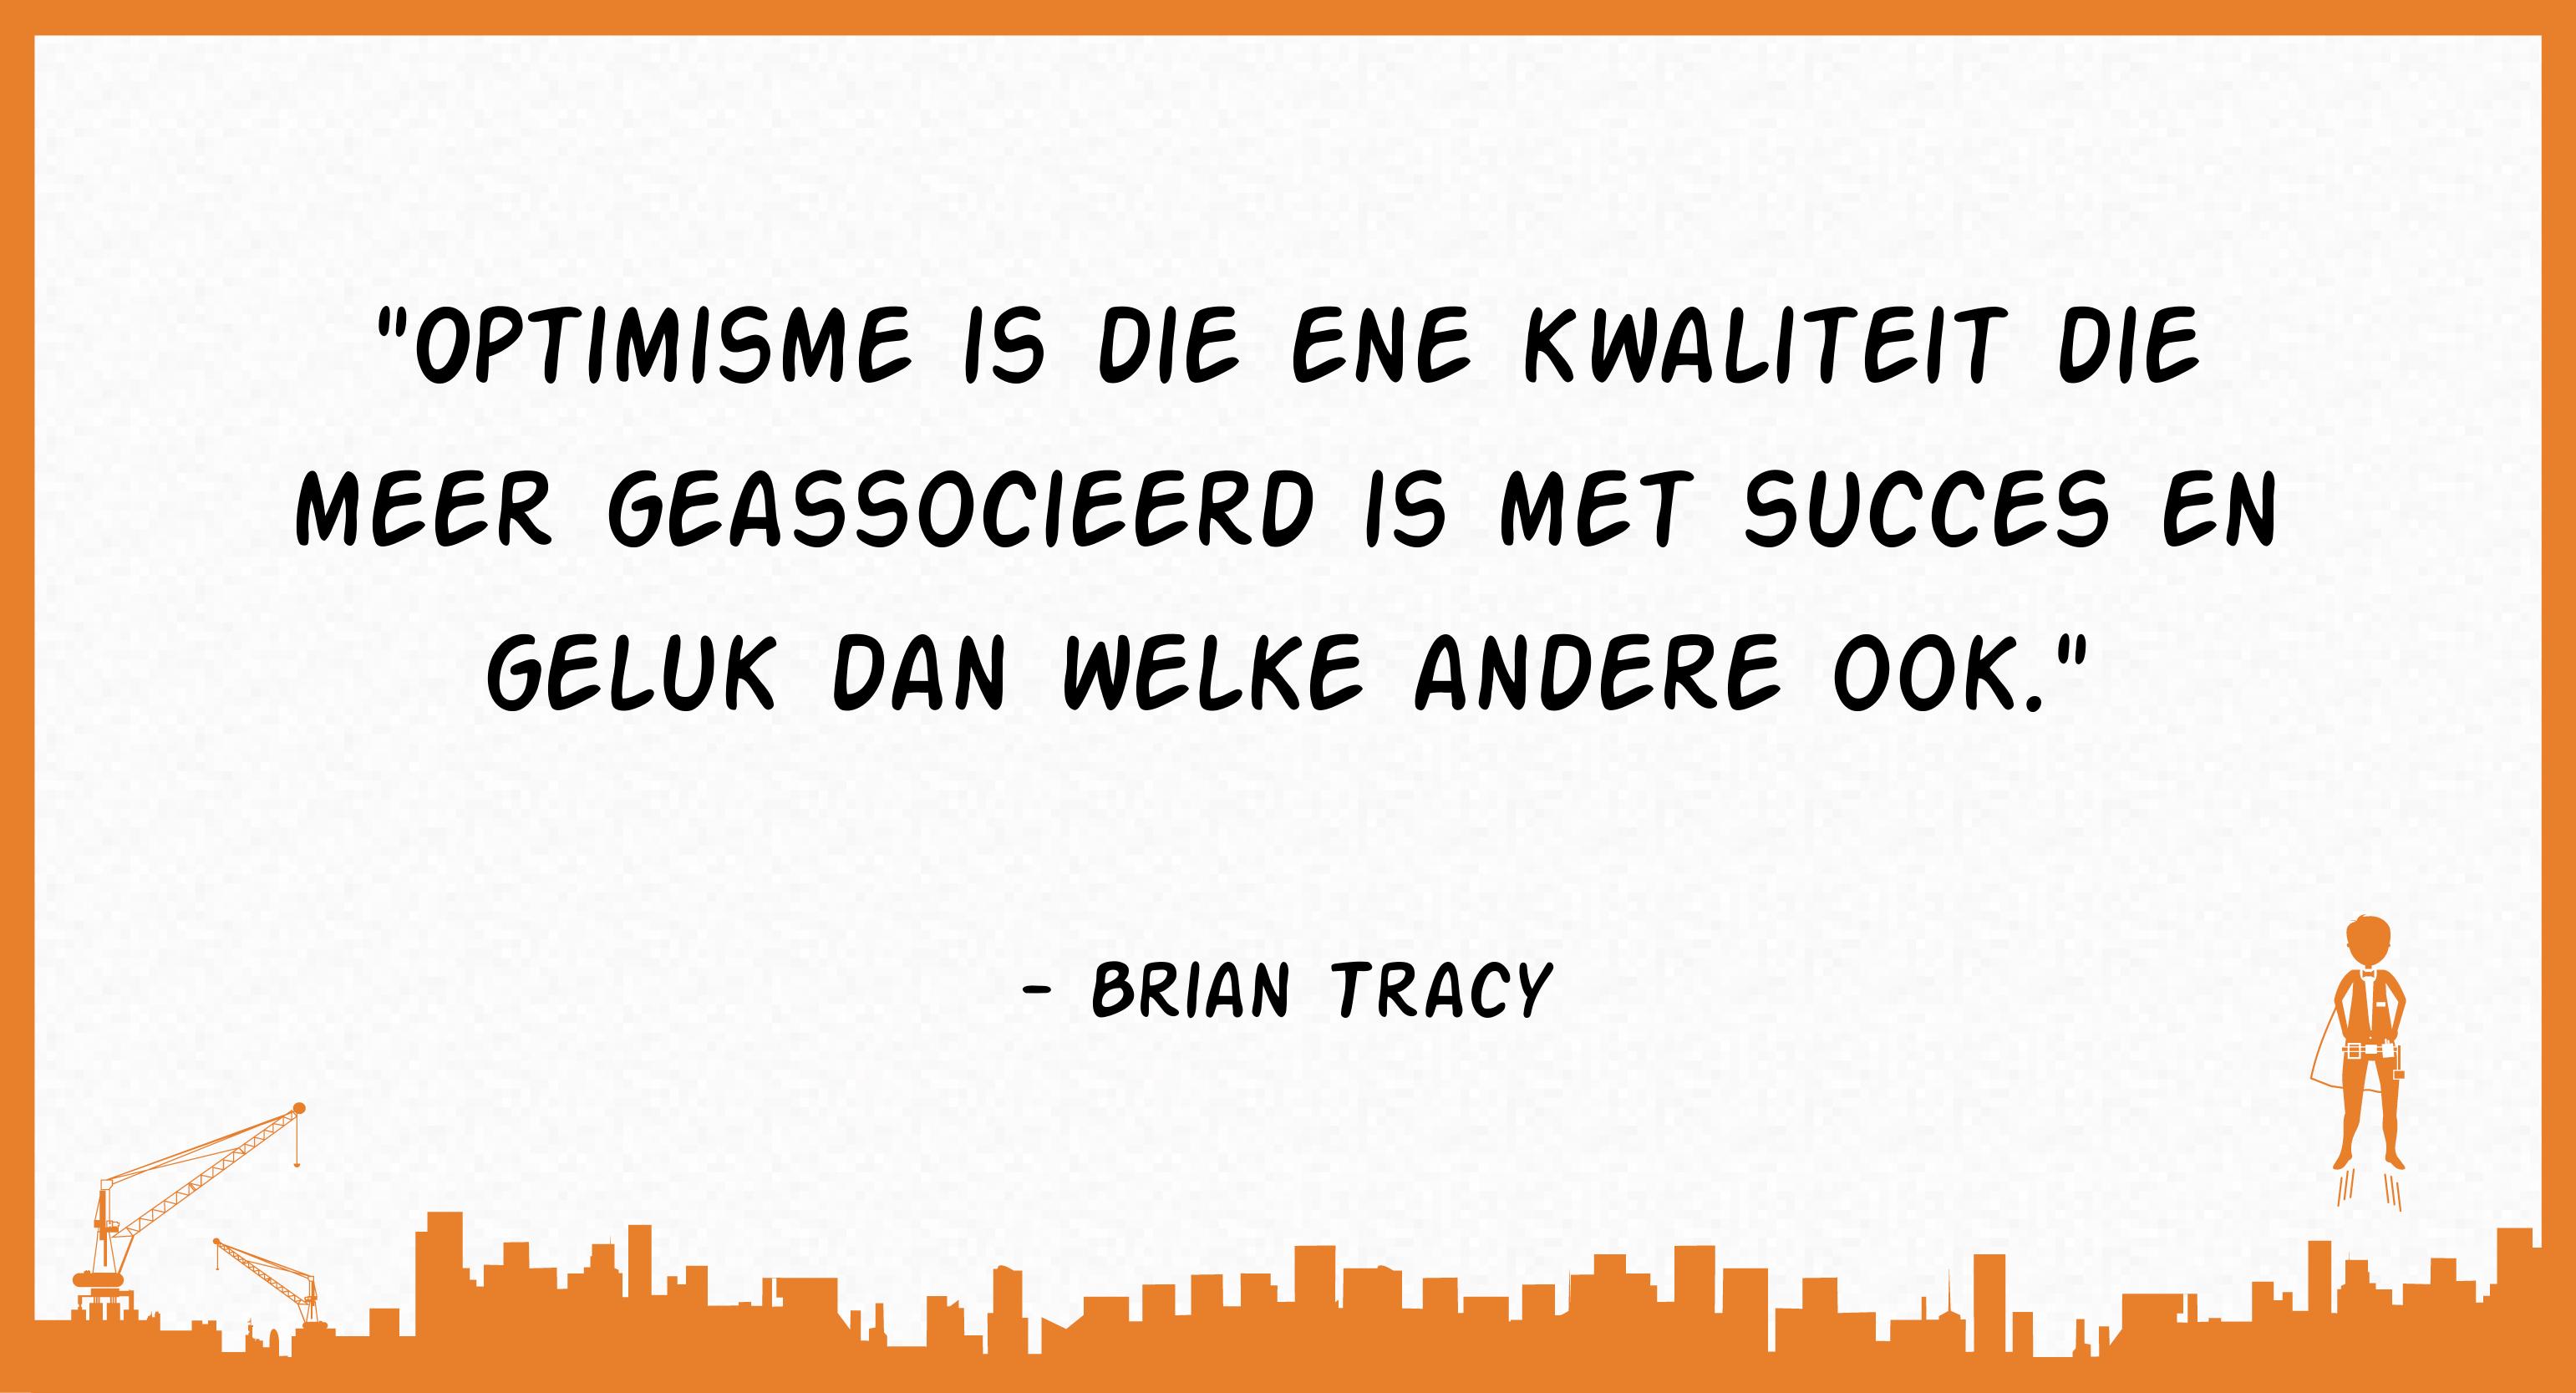 Optimisme is die ene kwaliteit die meer geassocieerd is met succes en geluk dan welke andere ook (Brian Tracy)